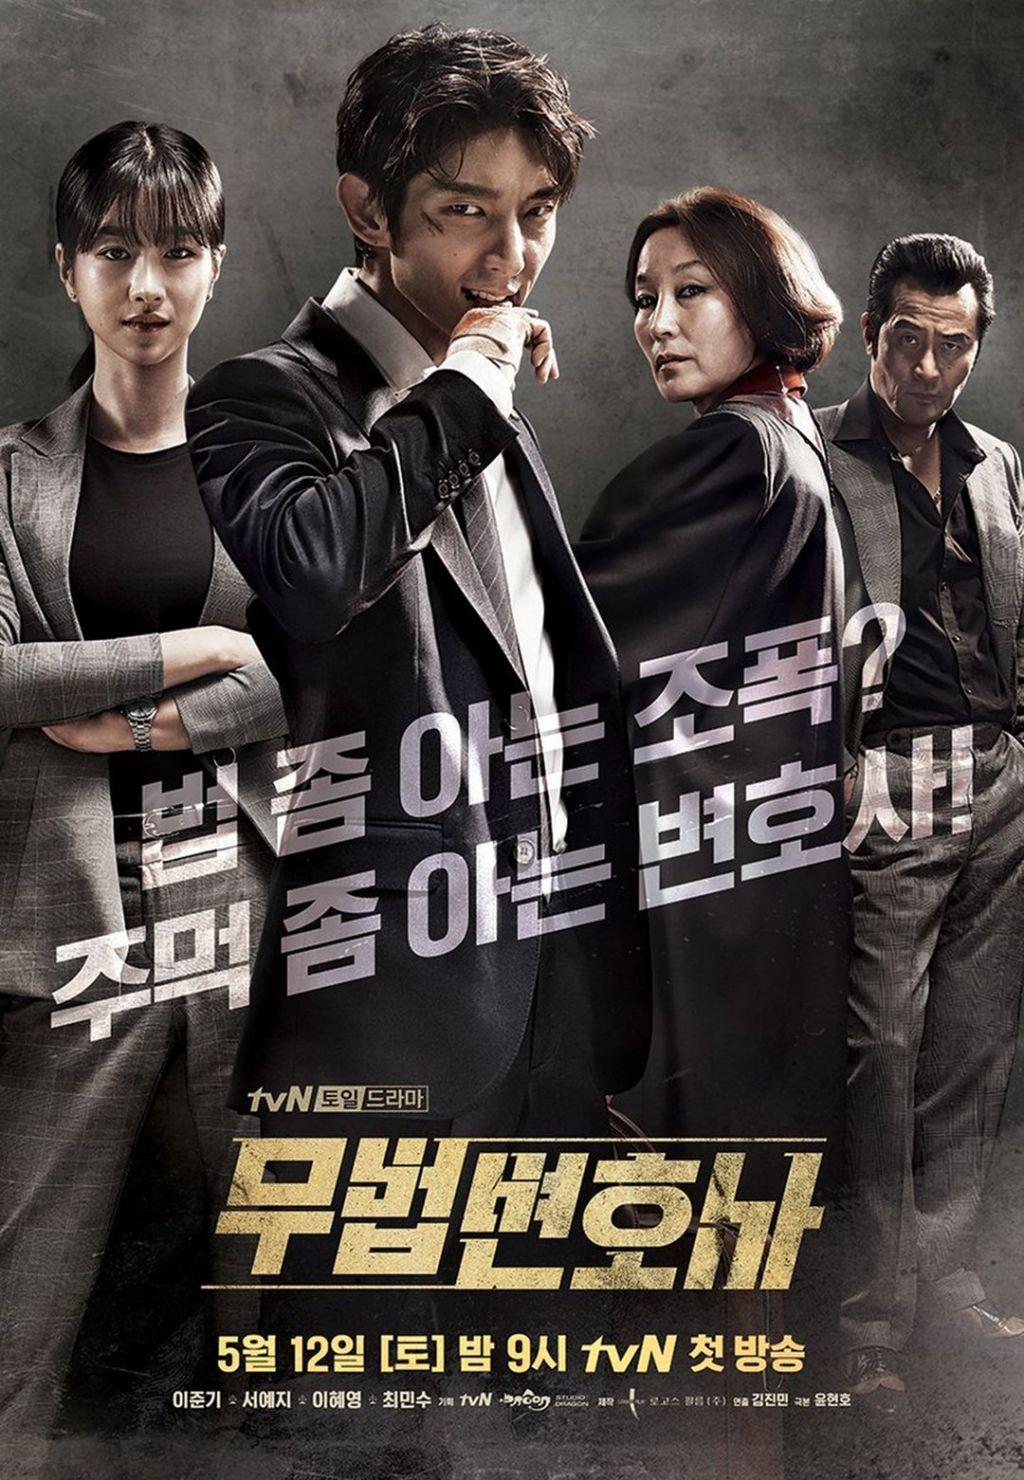 Sinopsis Dan Profil Lengkap Pemeran K-Drama Lawless Lawyer (2018)